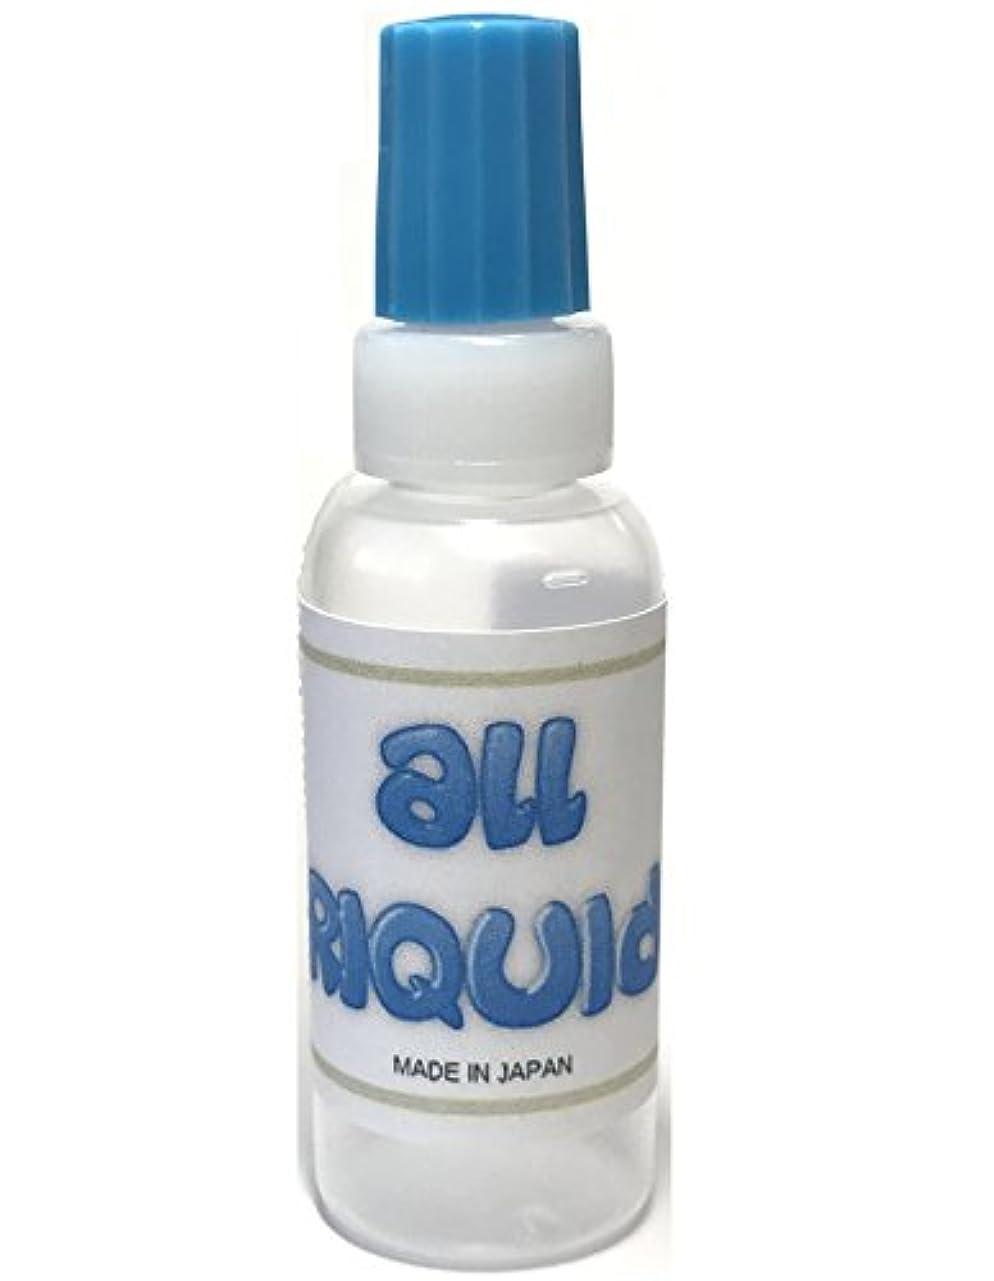 ヒント代わりにを立てるピュー(ALL LIQUID) 国産 バニラ アロマオイル エッセンシャルオイル 20ml 大容量 ボトル容器